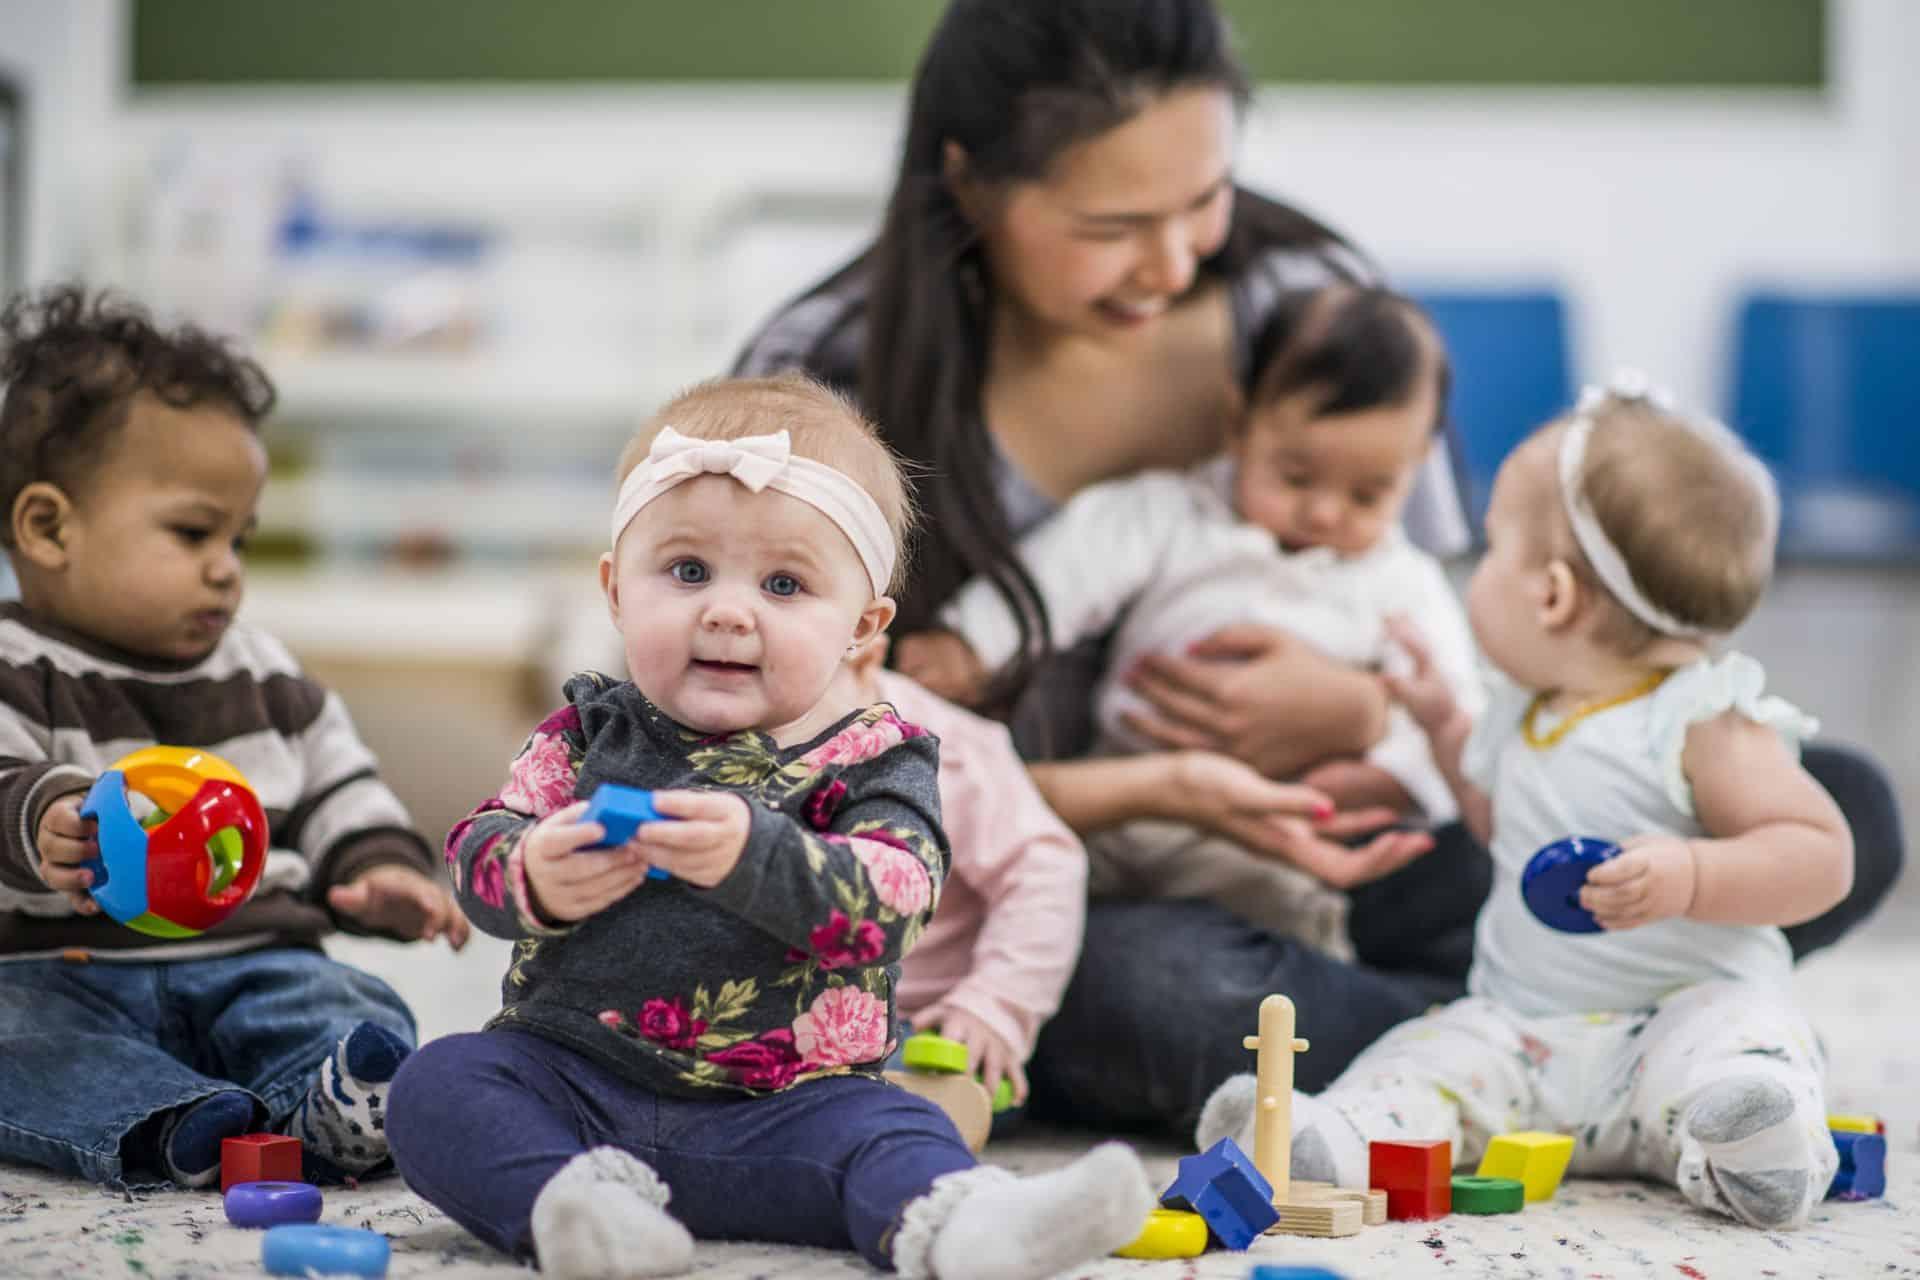 Nodig: een lagere begeleider-kindratio in de kinderopvang